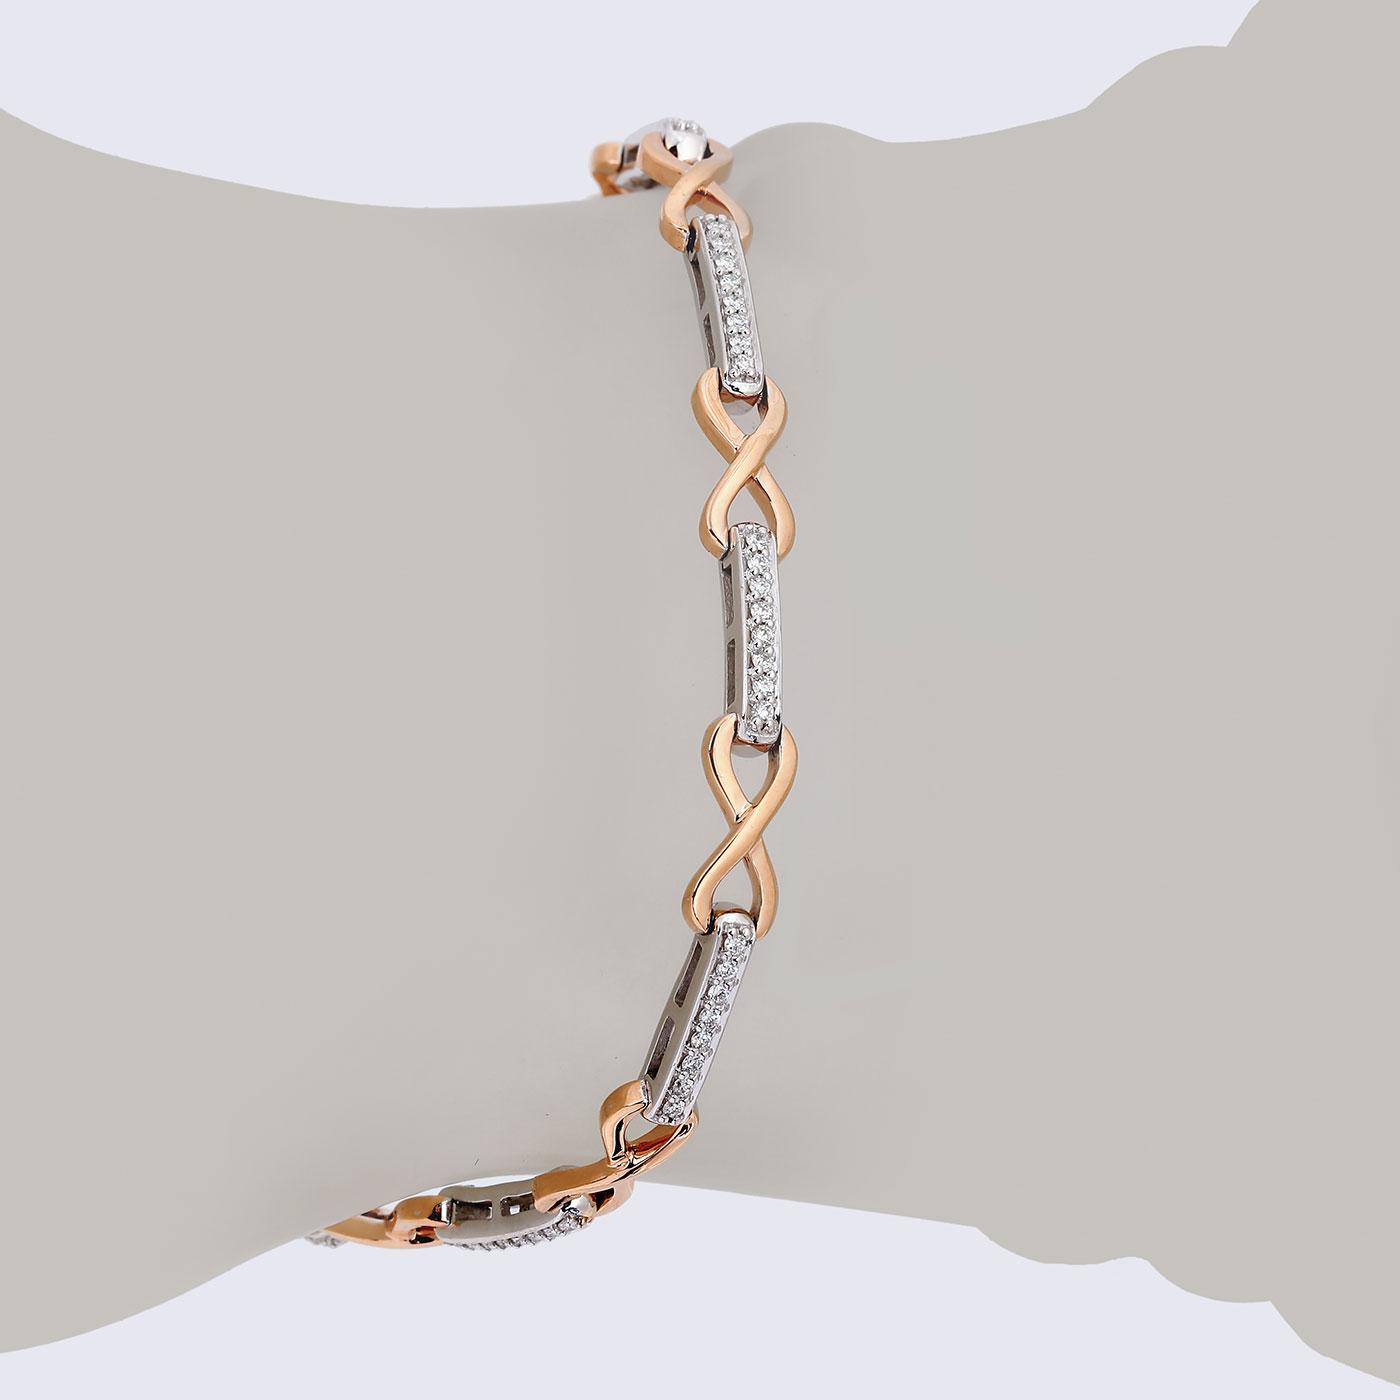 دستبند برليان 79456 B گوهربين goharbin